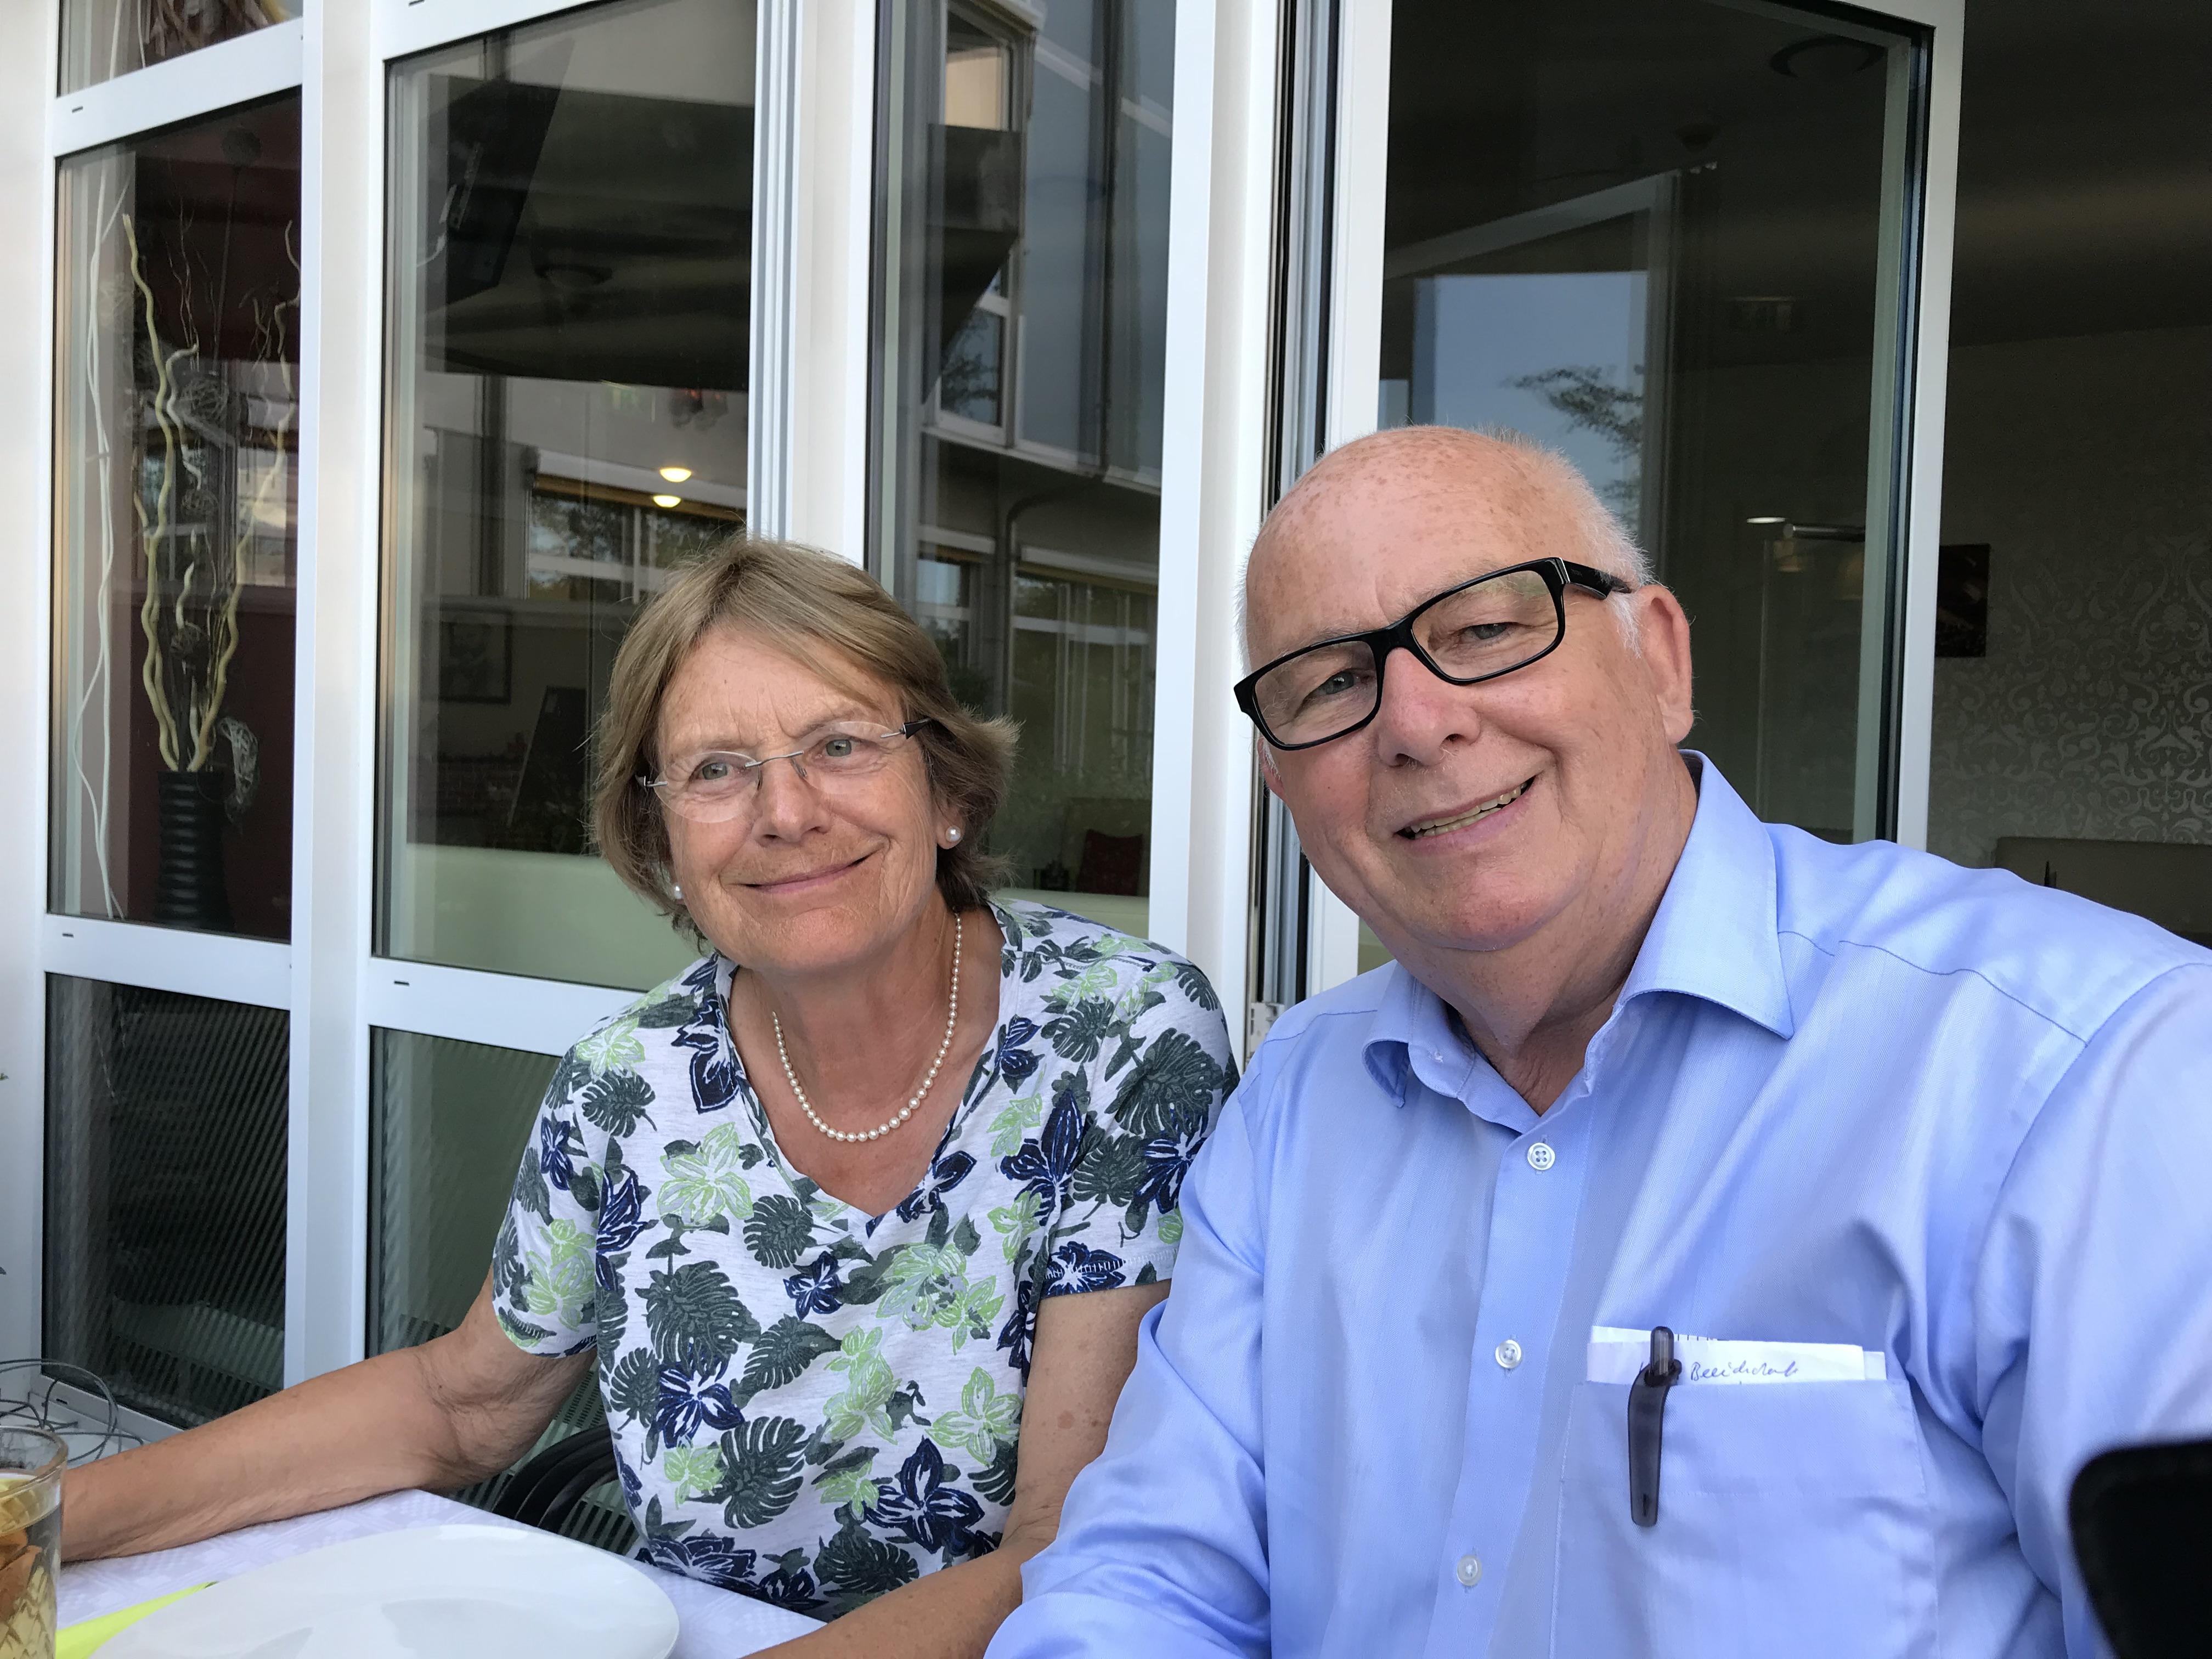 Die ehemalige und der jetzige Vorsitzendes des Vereins Dr. Siedentopf und D. Kolmer